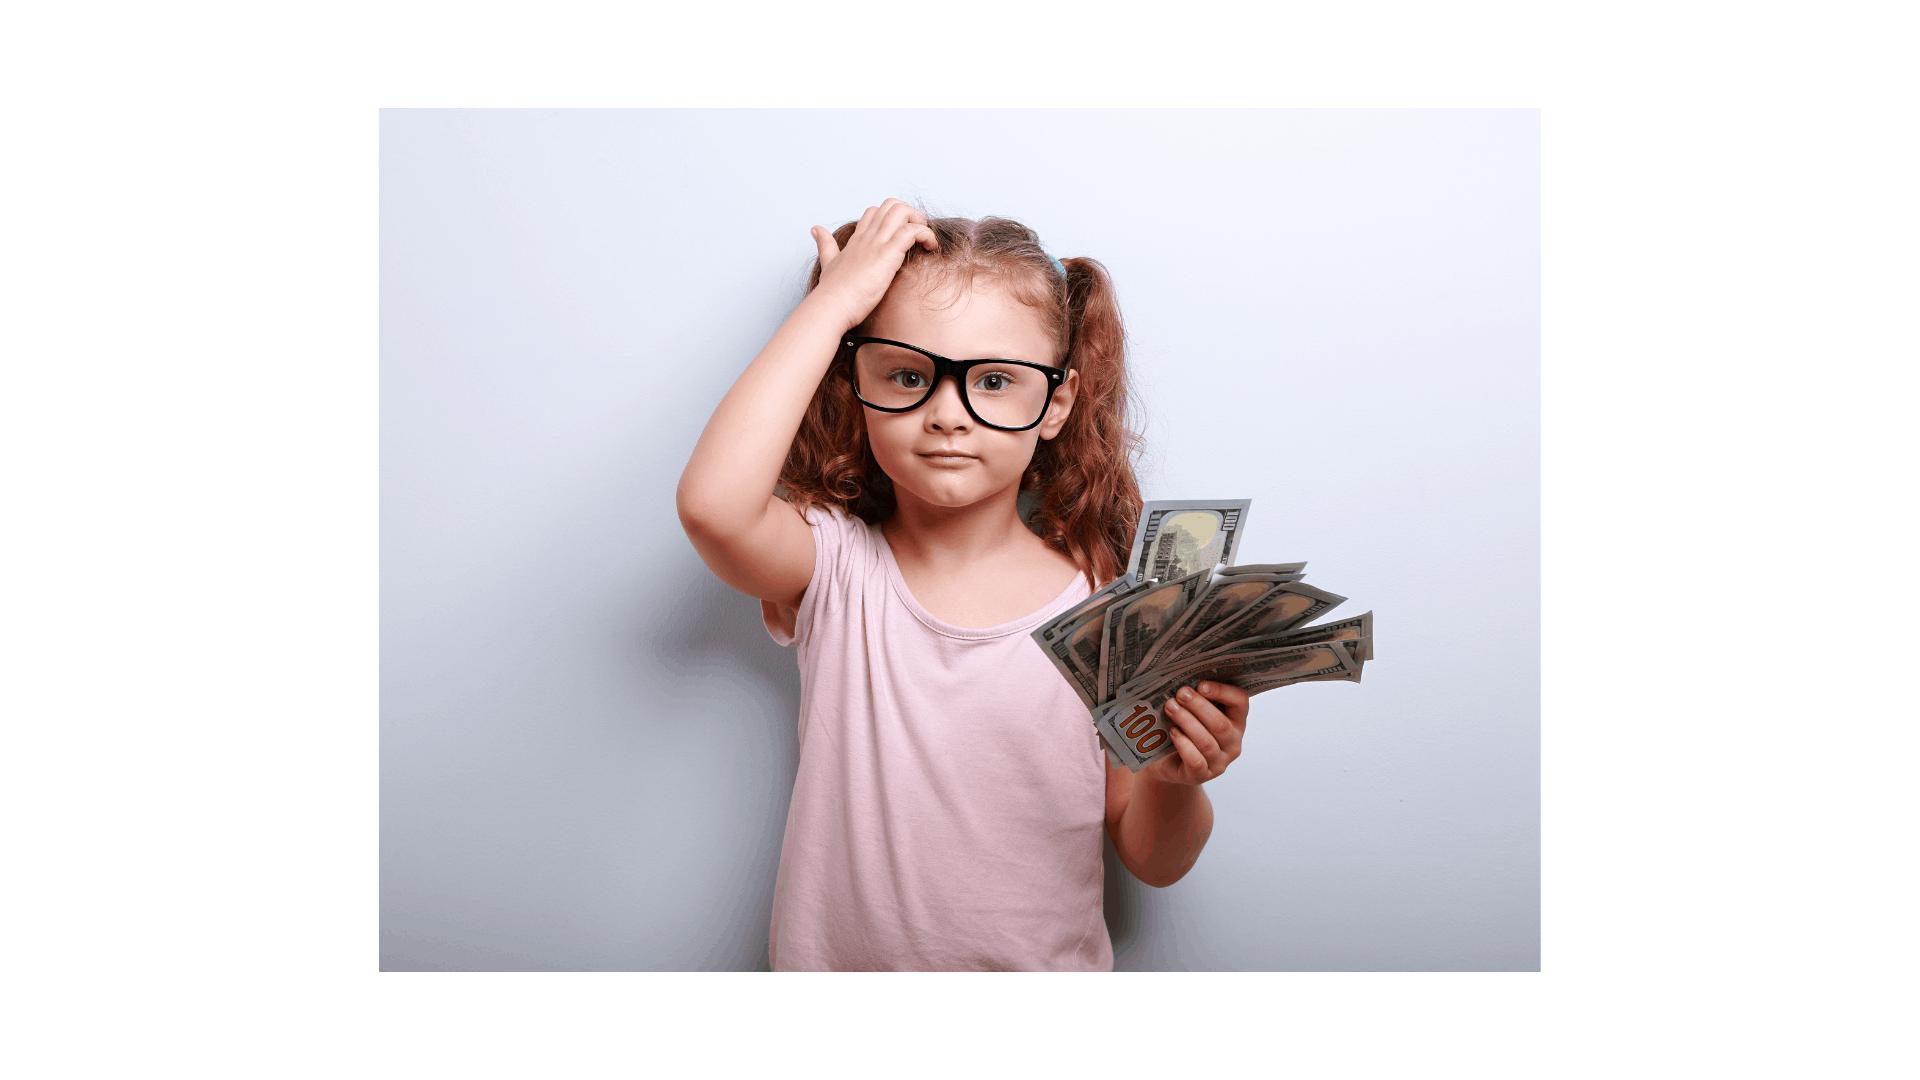 ילדה עם כסף חושבת